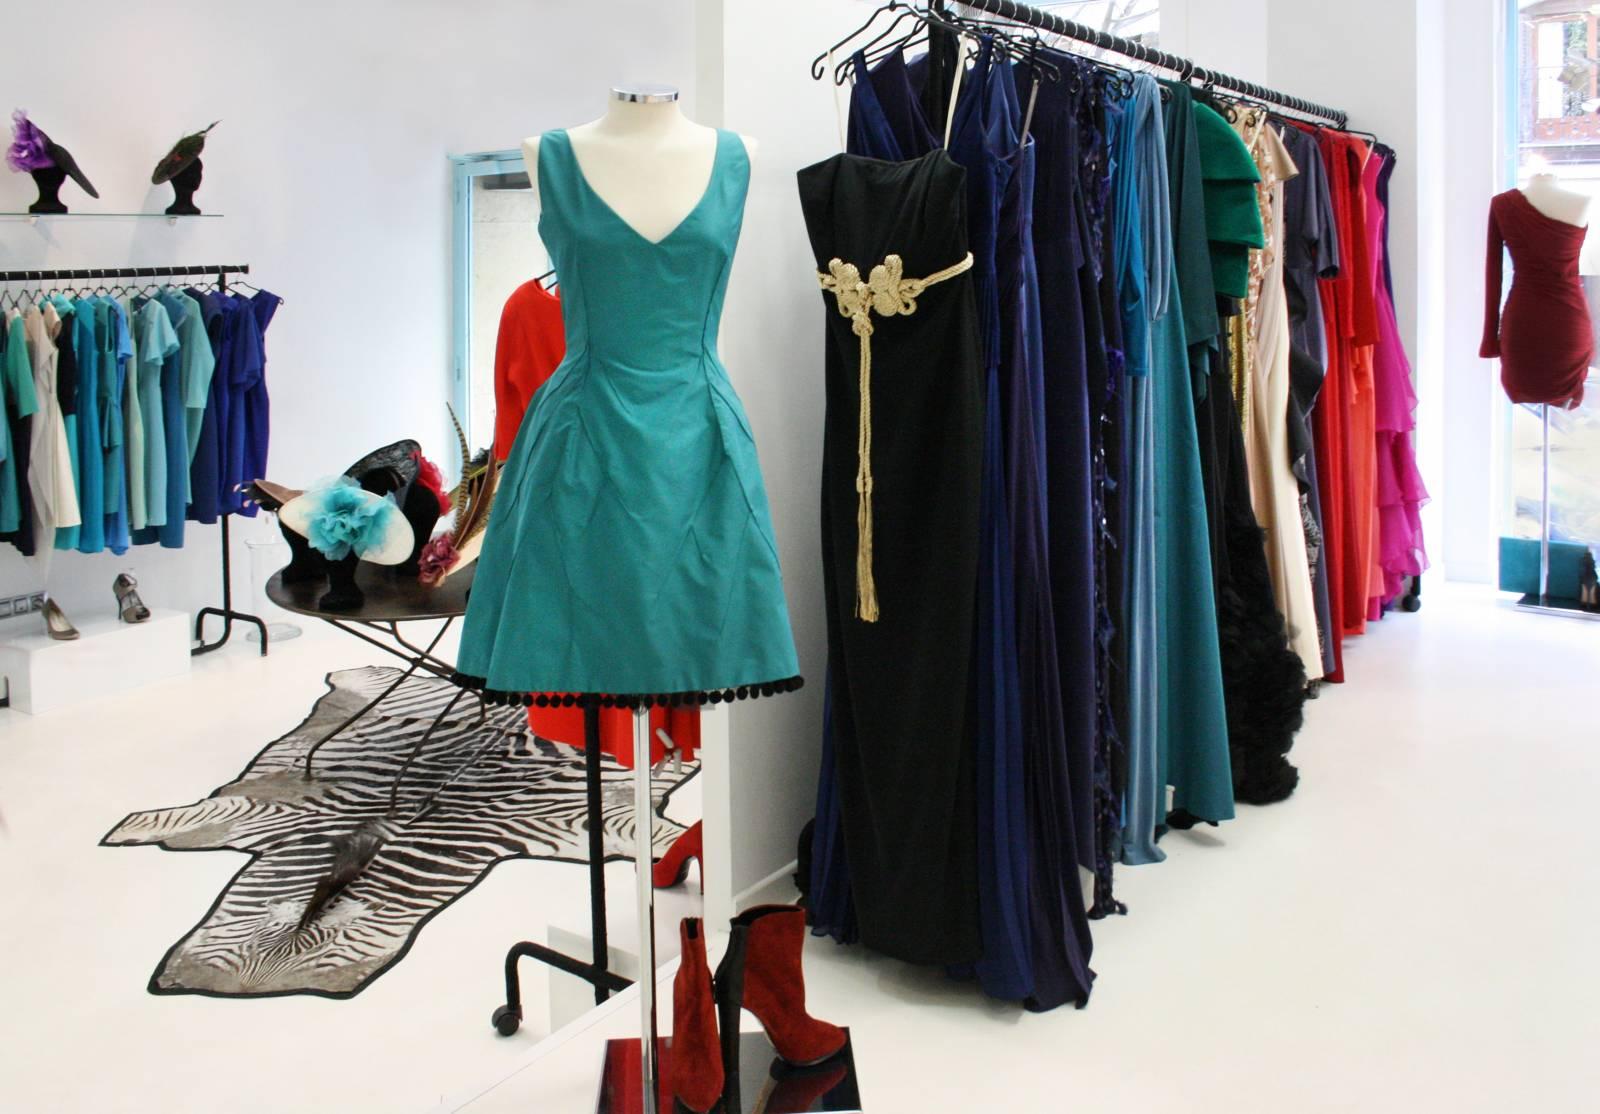 La nueva moda: alquilar vestidos en Navidad - Madrilánea